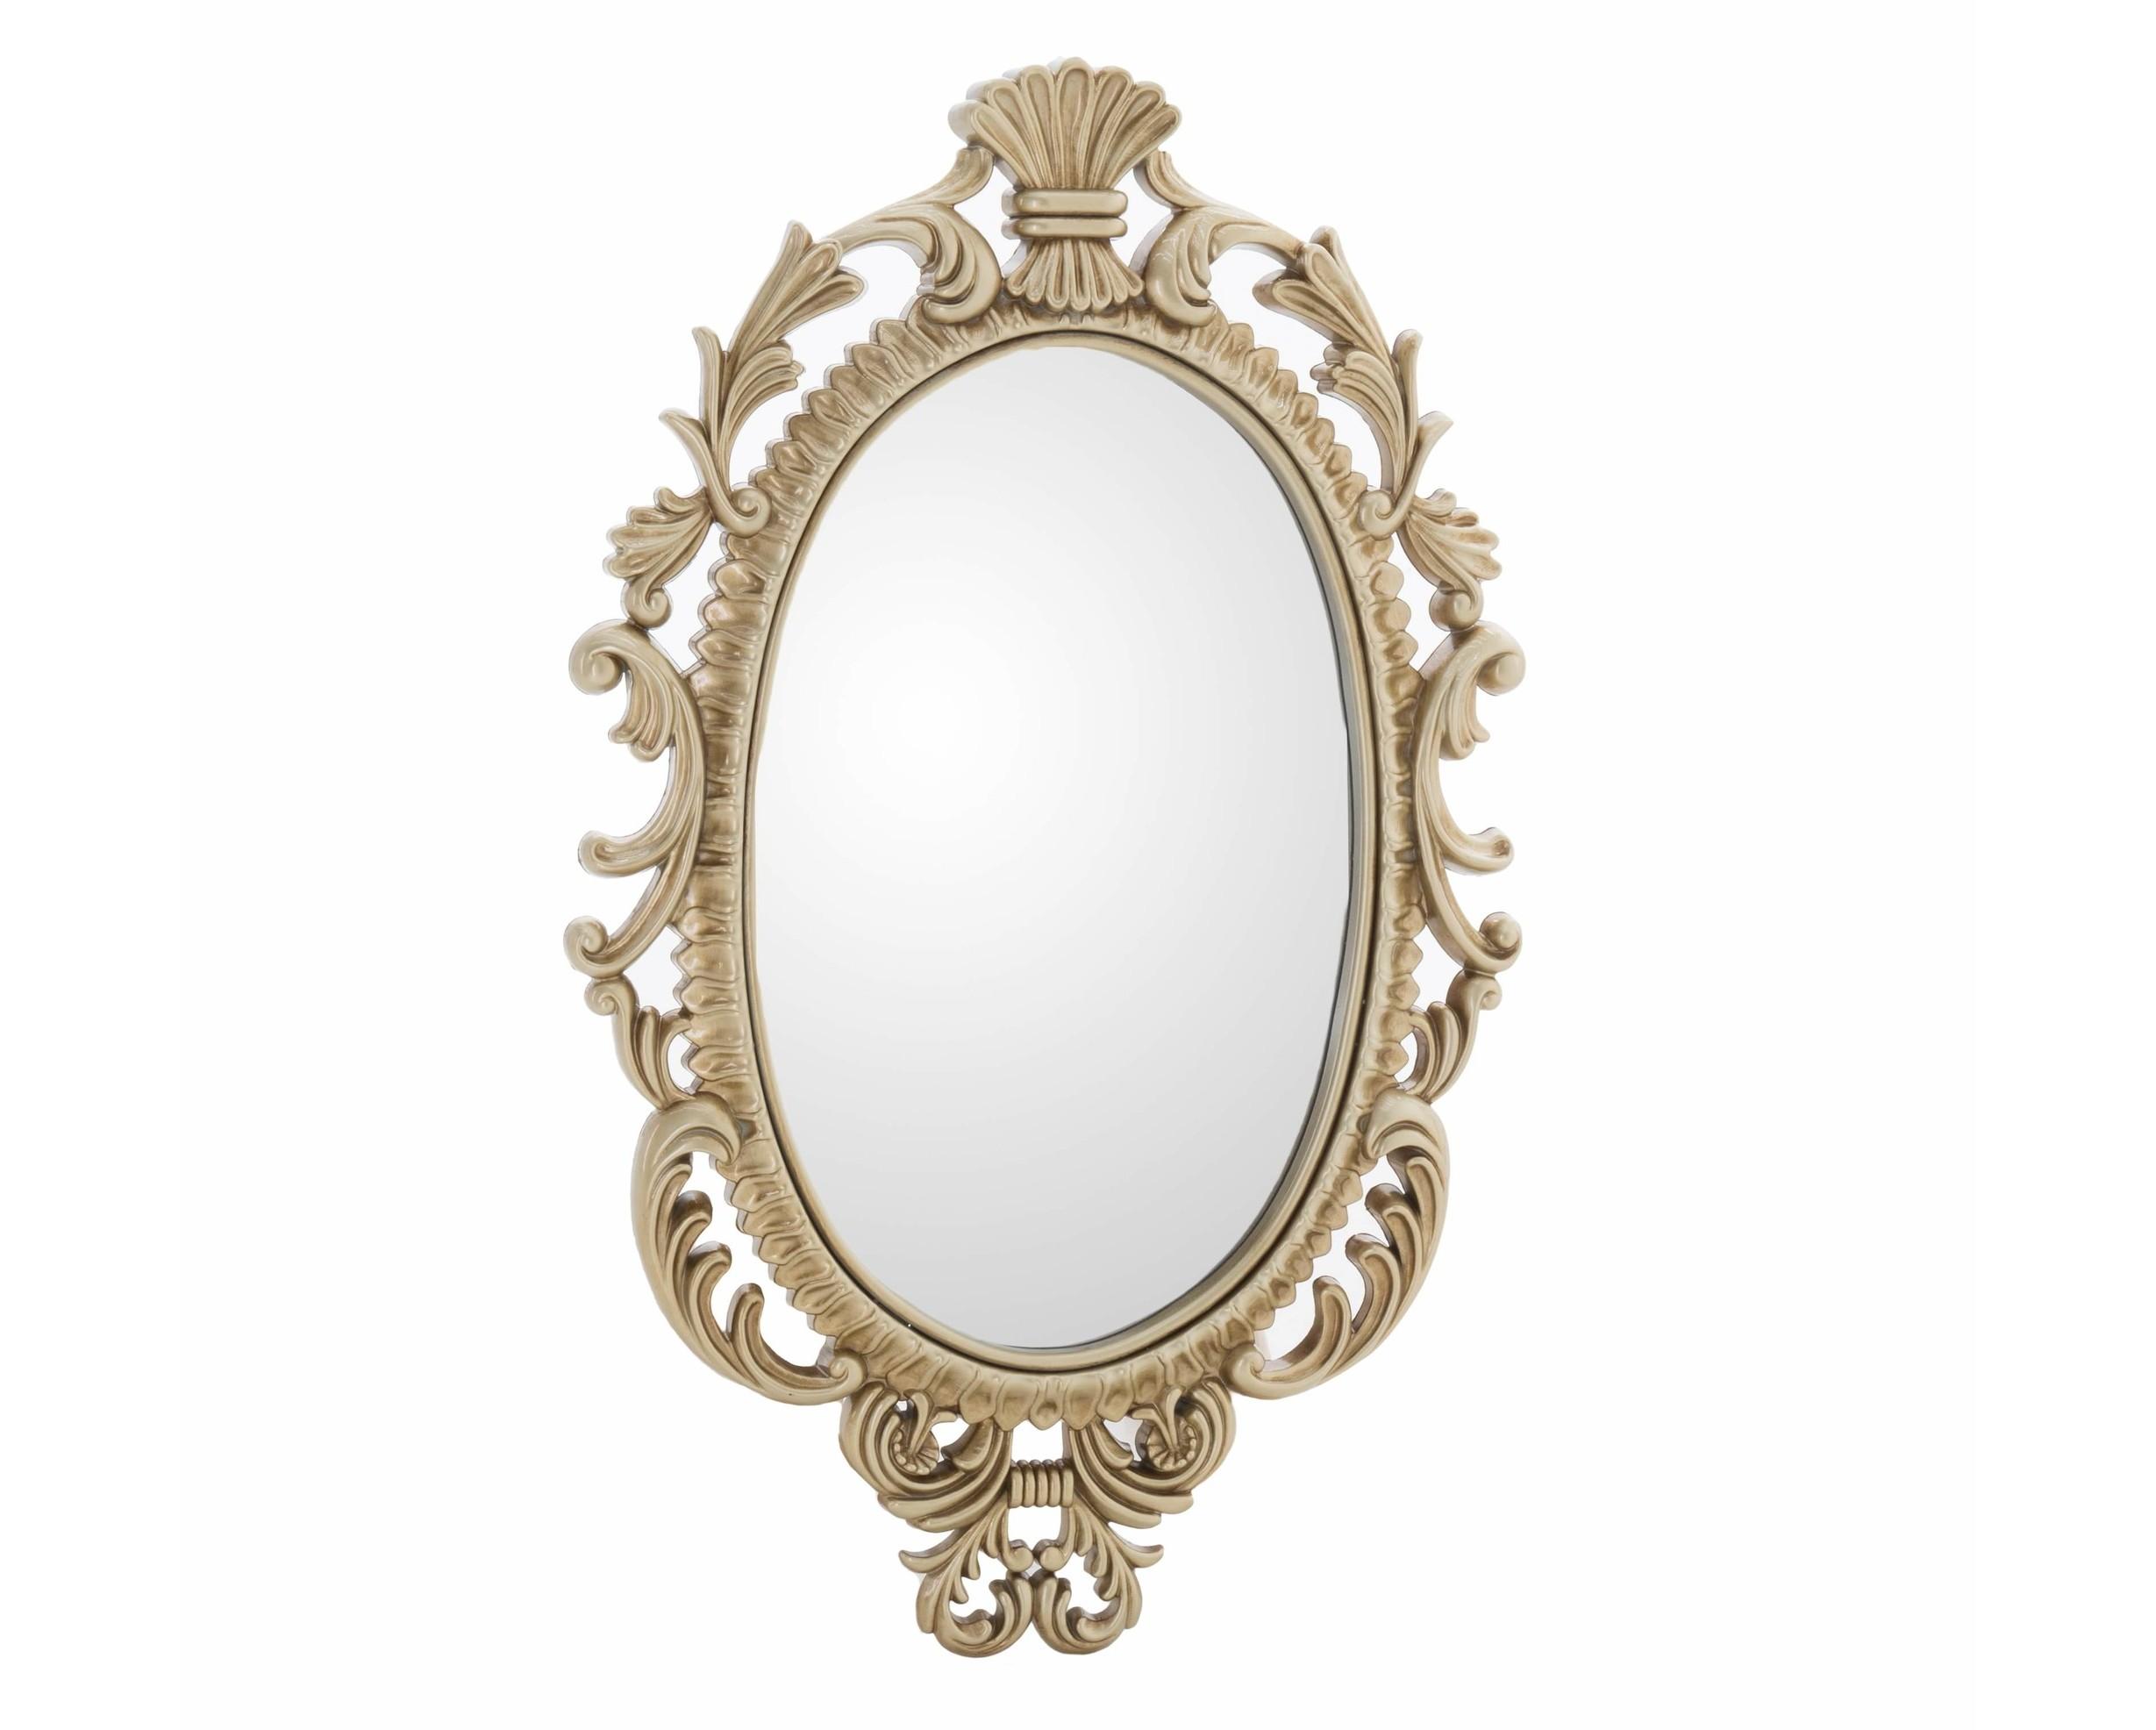 Зеркало настенное Frankavilla-SicilyНастенные зеркала<br><br><br>Material: Полистоун<br>Width см: 44<br>Depth см: 4<br>Height см: 73<br>Diameter см: None